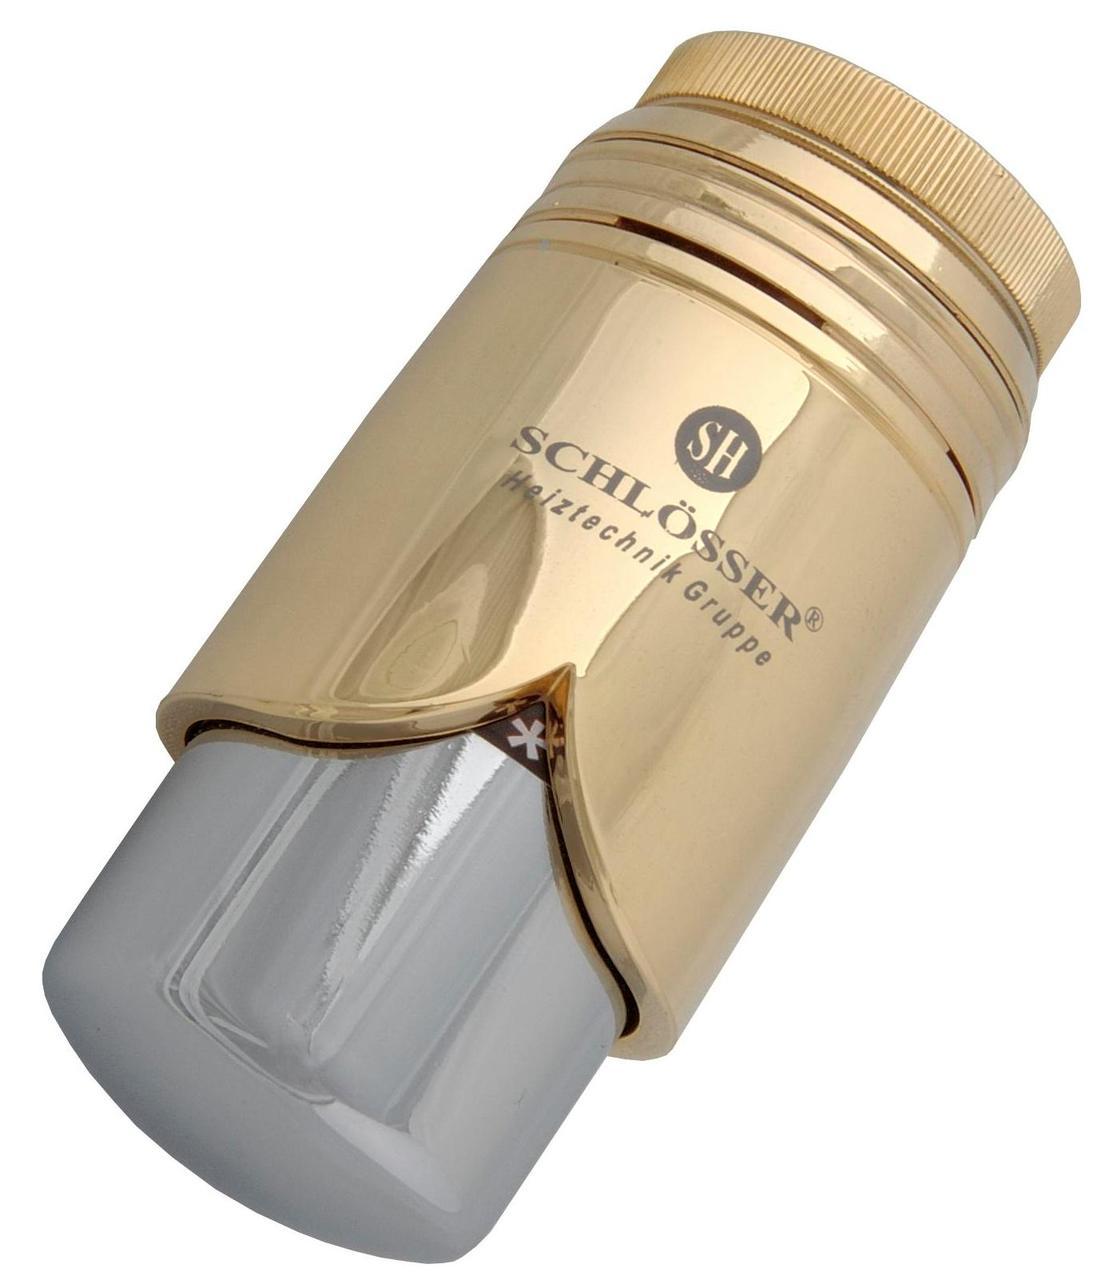 Термостатическая головка Schlosser SH Brillant Золото - Хром